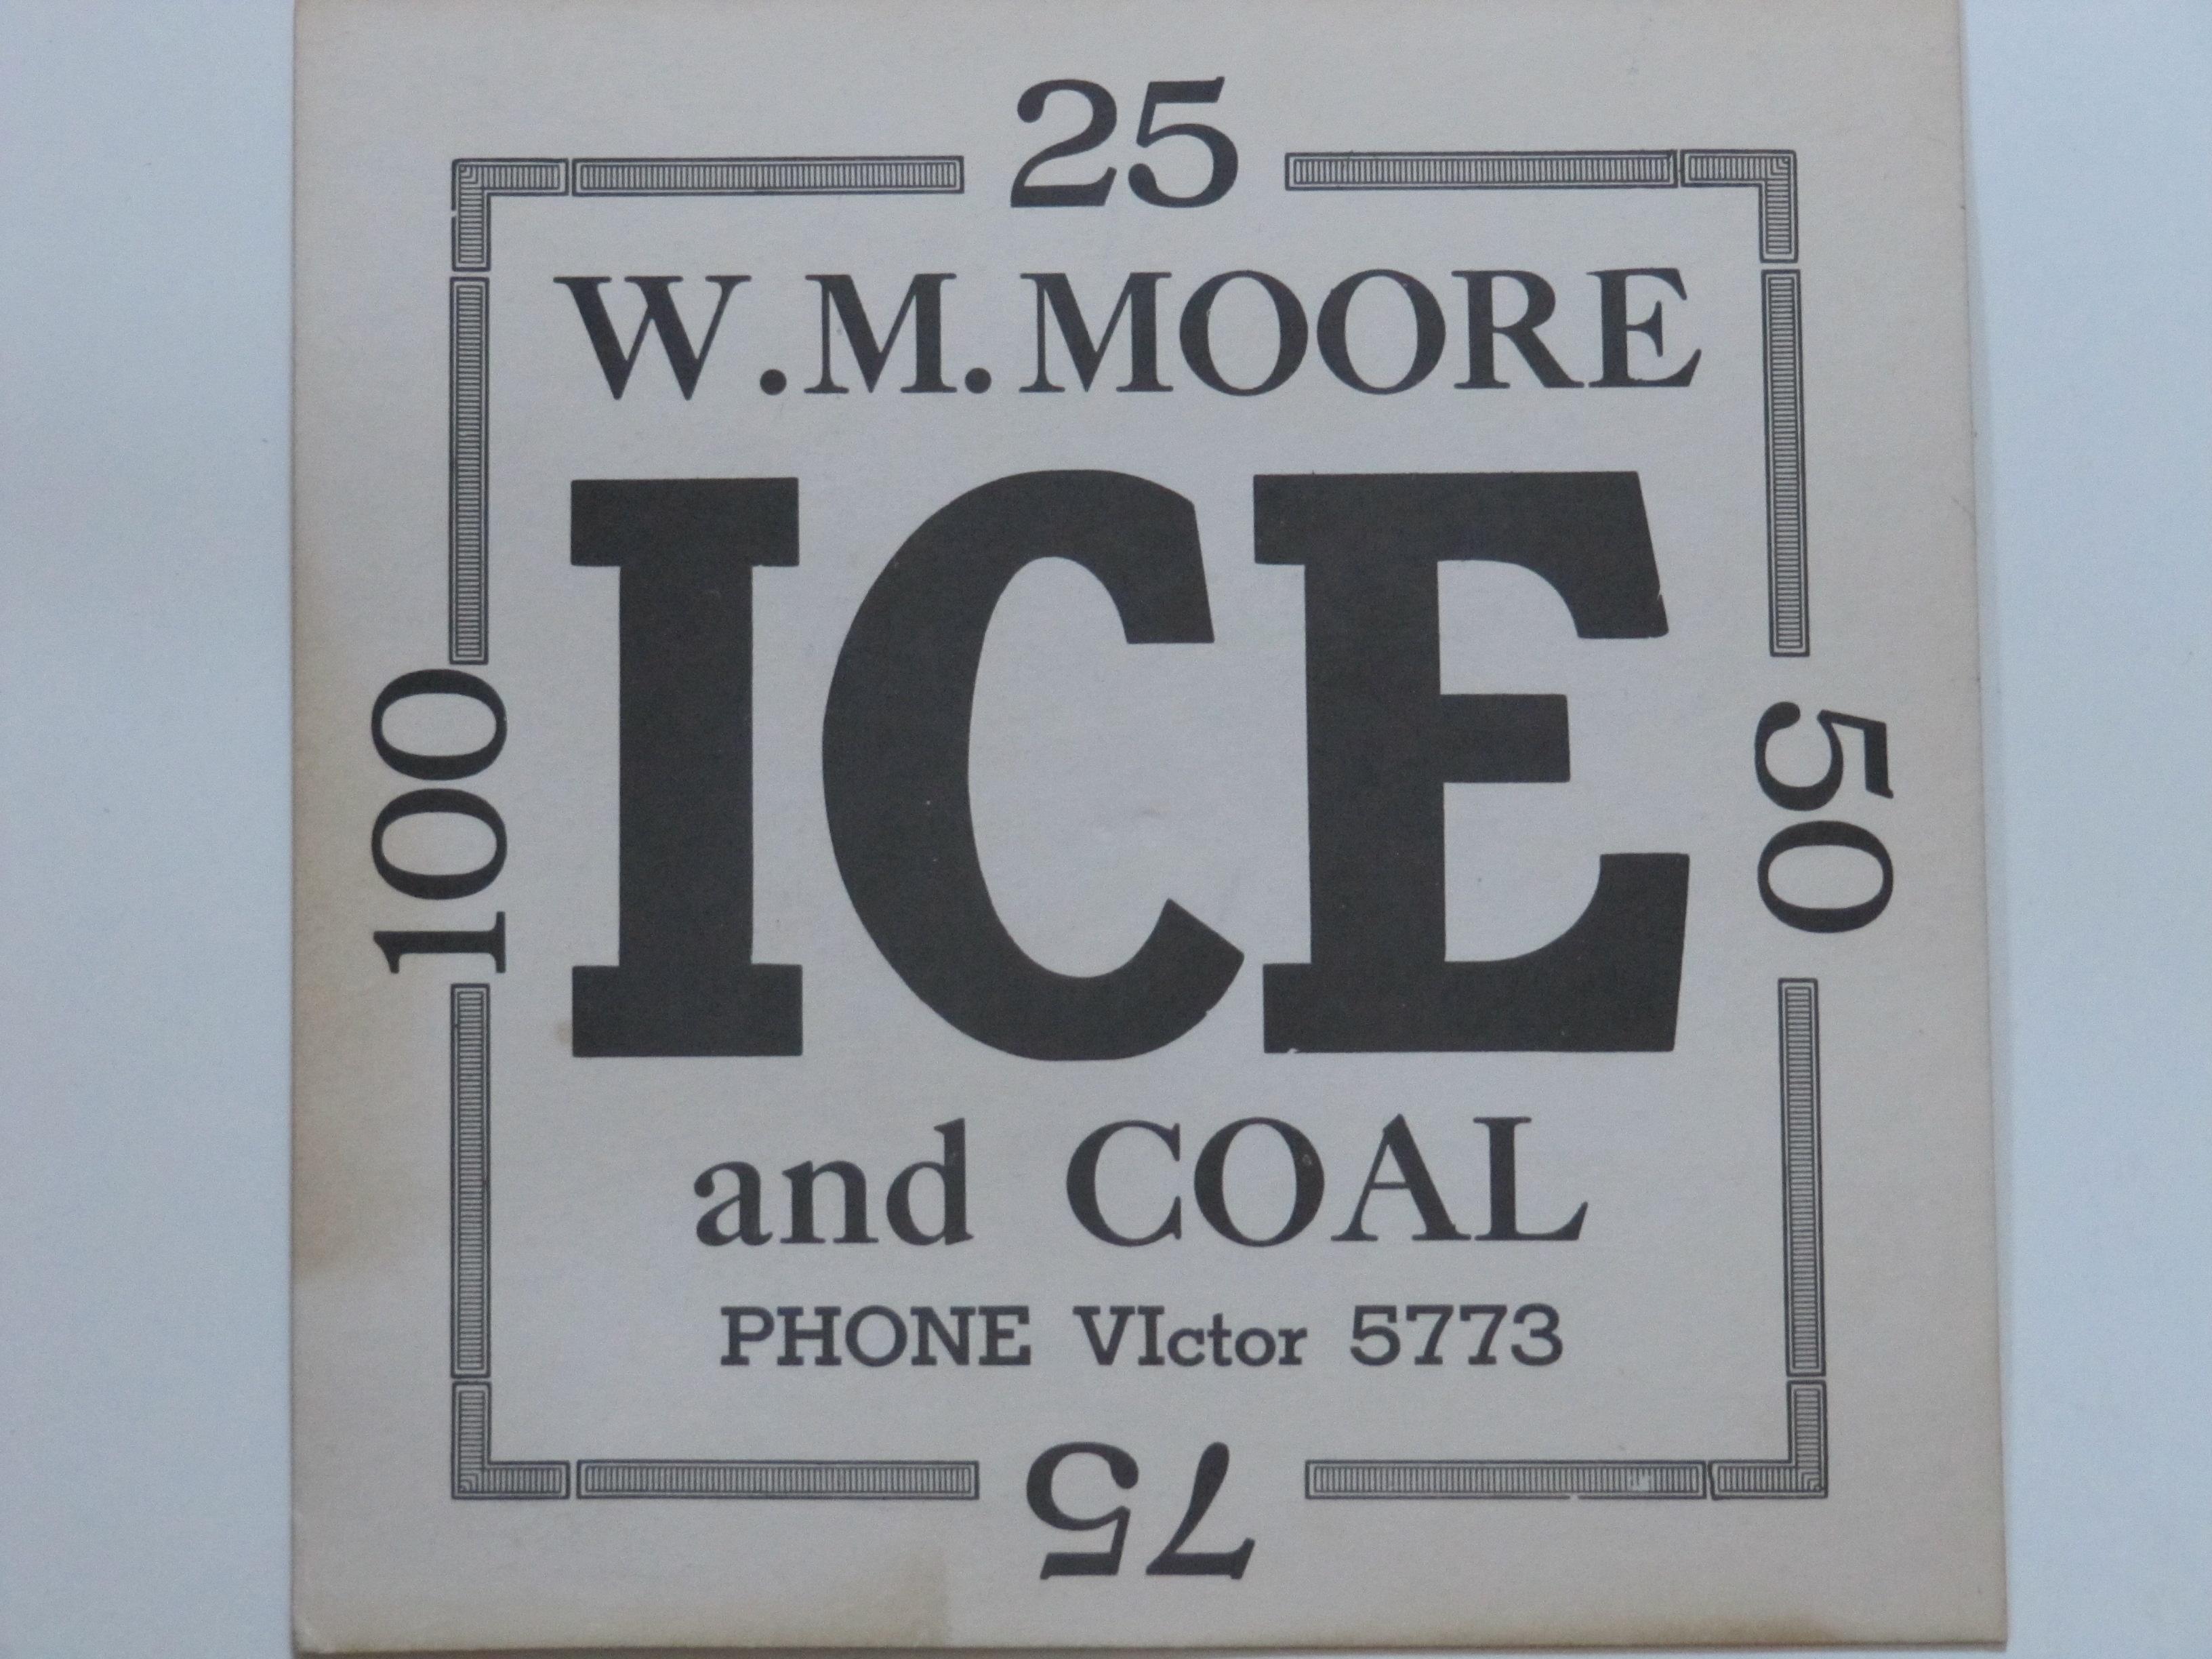 W.M.Moore Ice